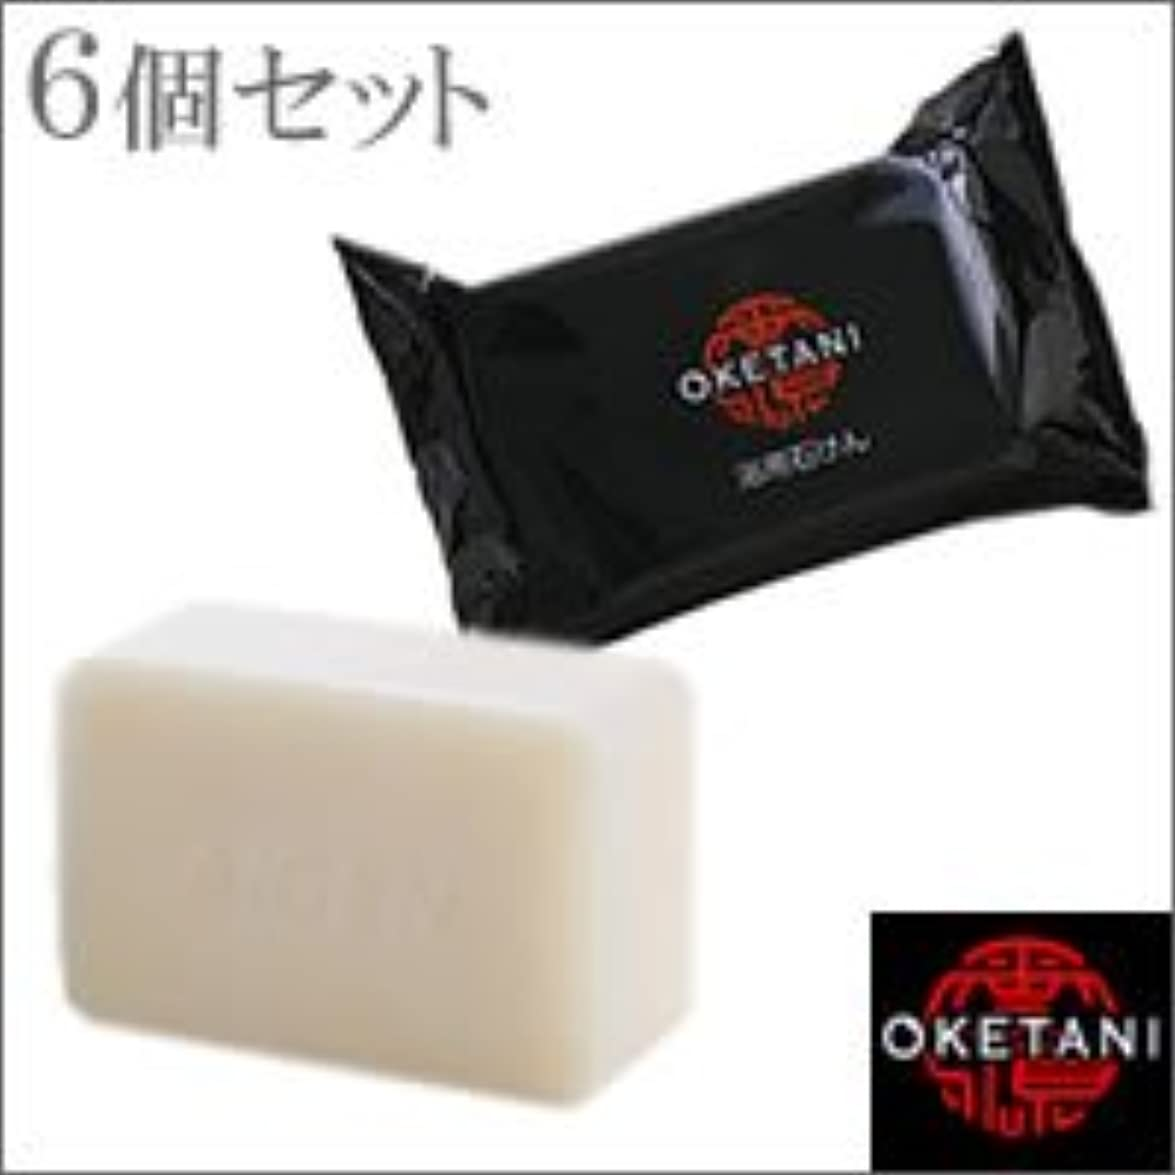 毎日マキシム優雅item_name:桶谷石鹸 アイゲン 浴用石けん 120g×6個